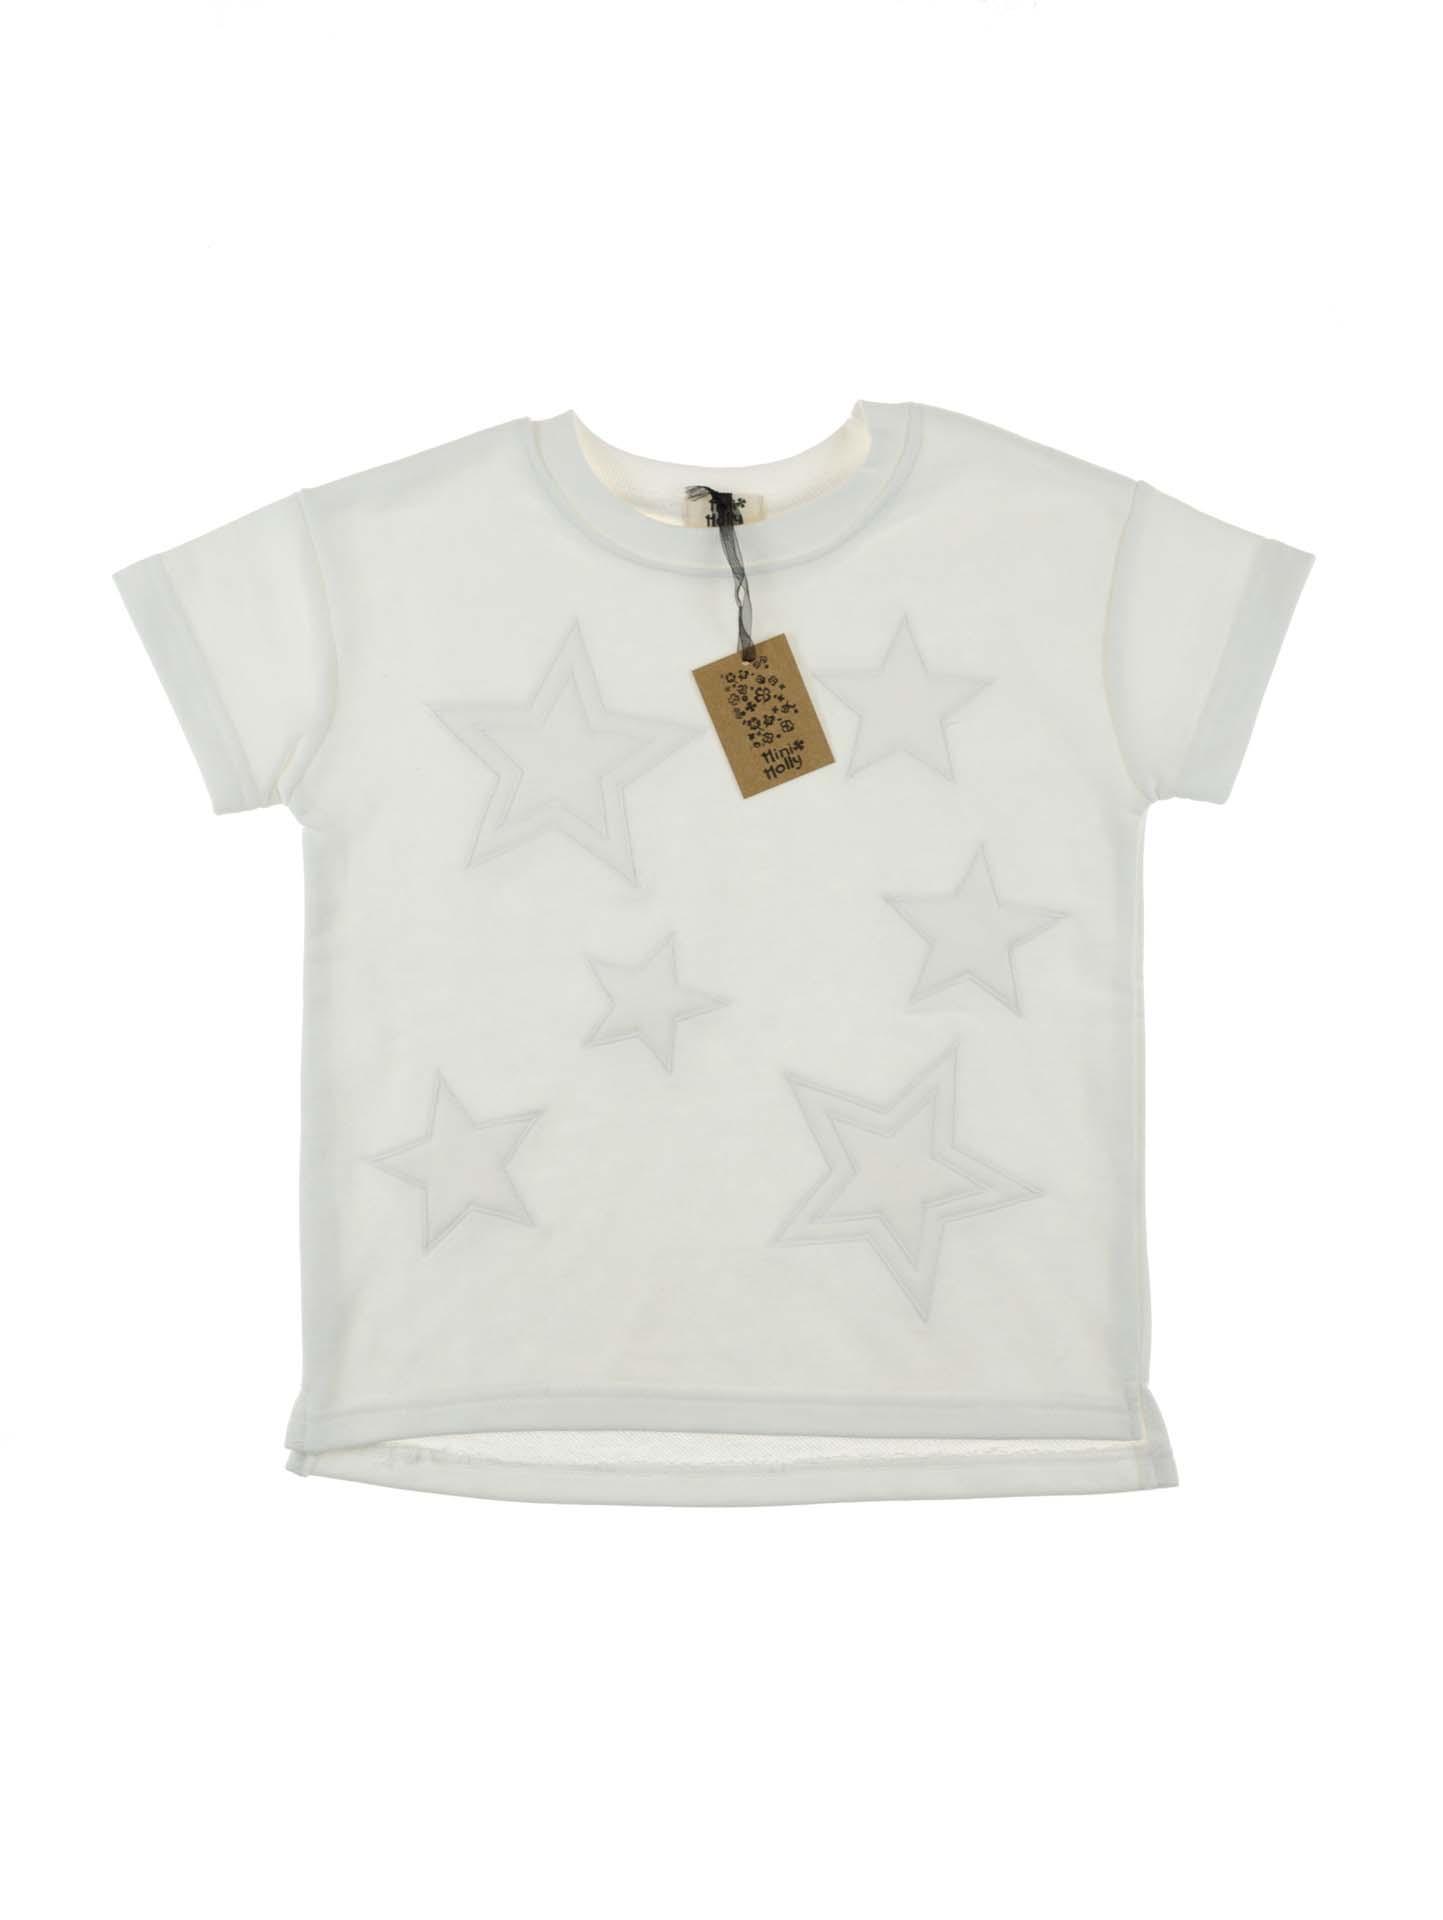 Купити Стильна біла футболка з короткими рукавами  500260dd8df3a